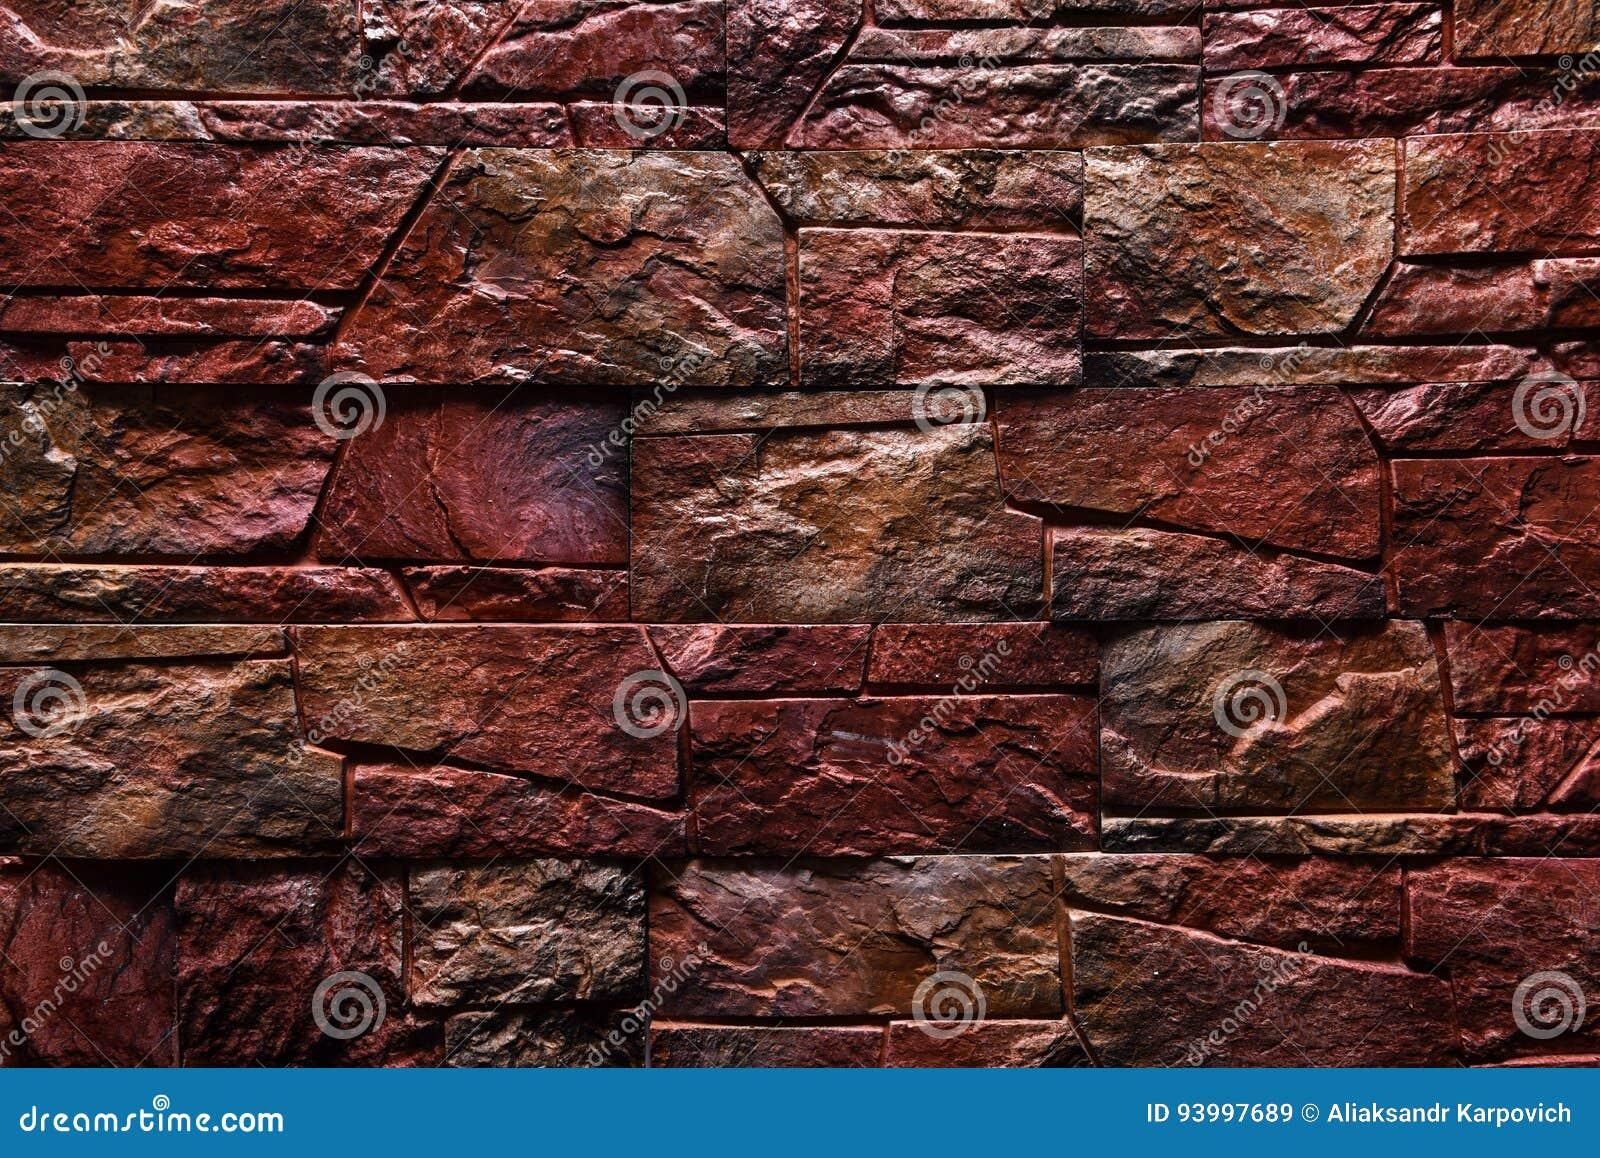 Einfach Steinwand Farbe ~ Natürliche farbe des rotbraunen steinwand